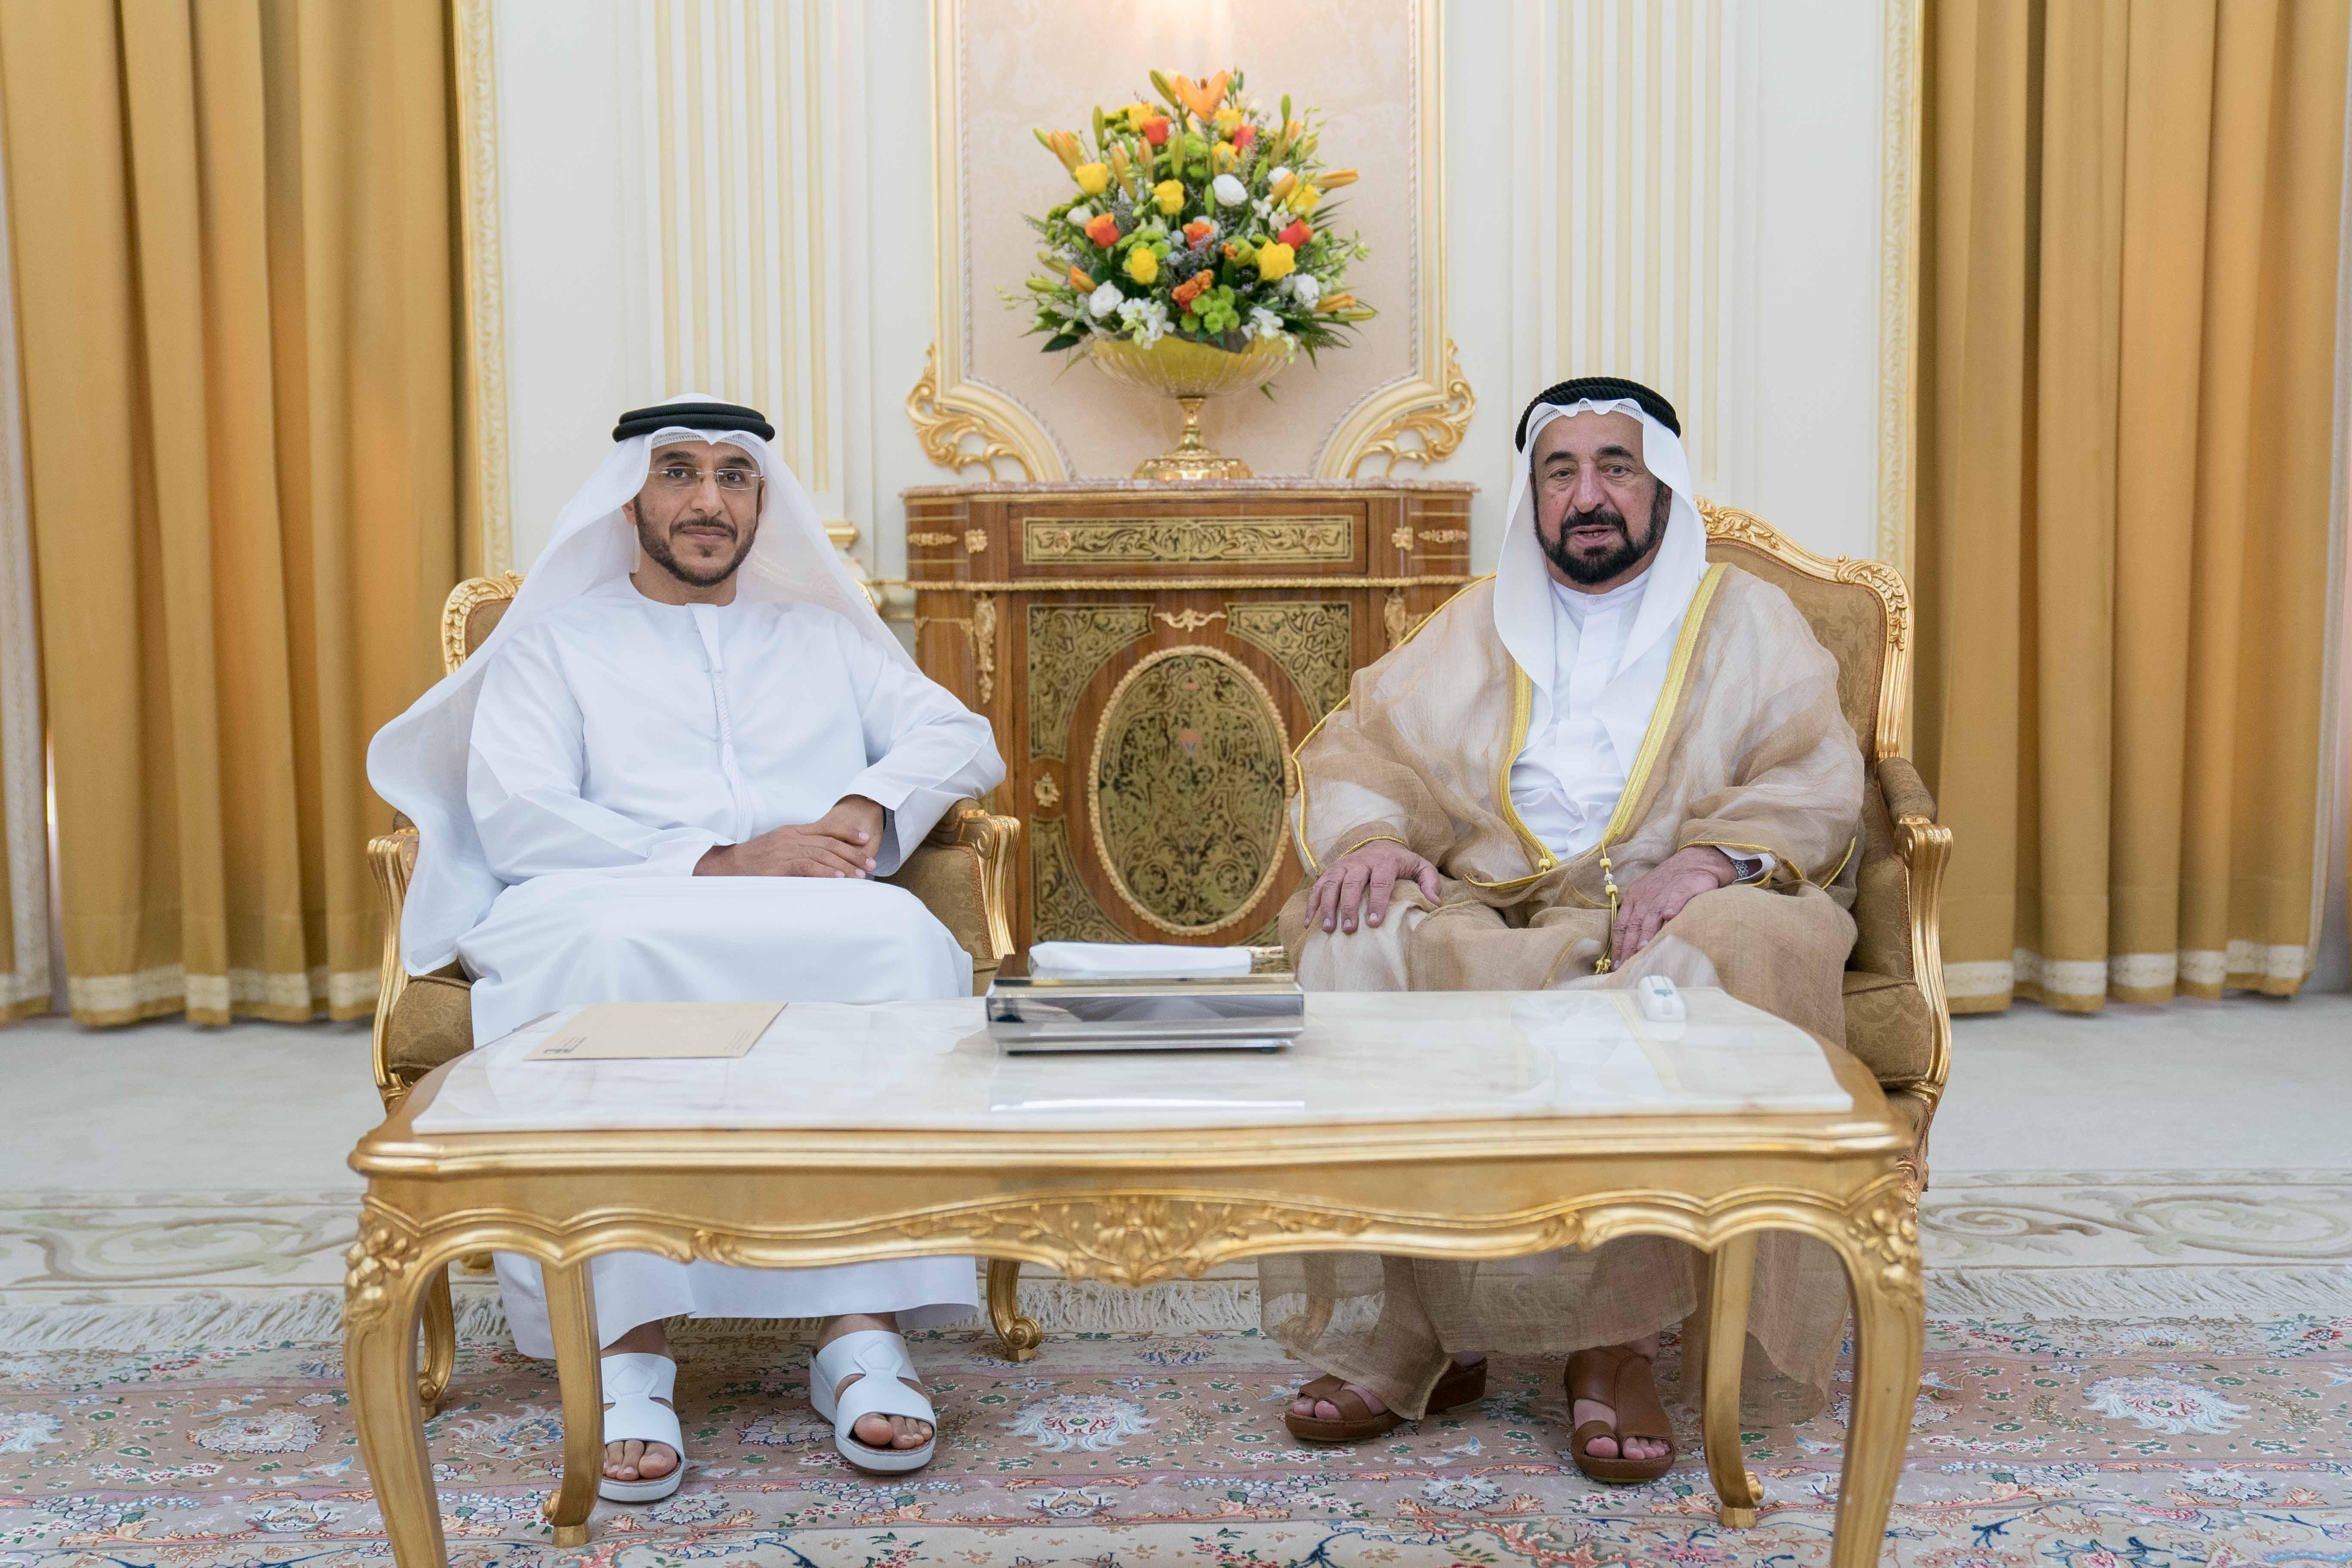 سلطان القاسمي يستقبل مدير عام بلدية مدينة الشارقة 3